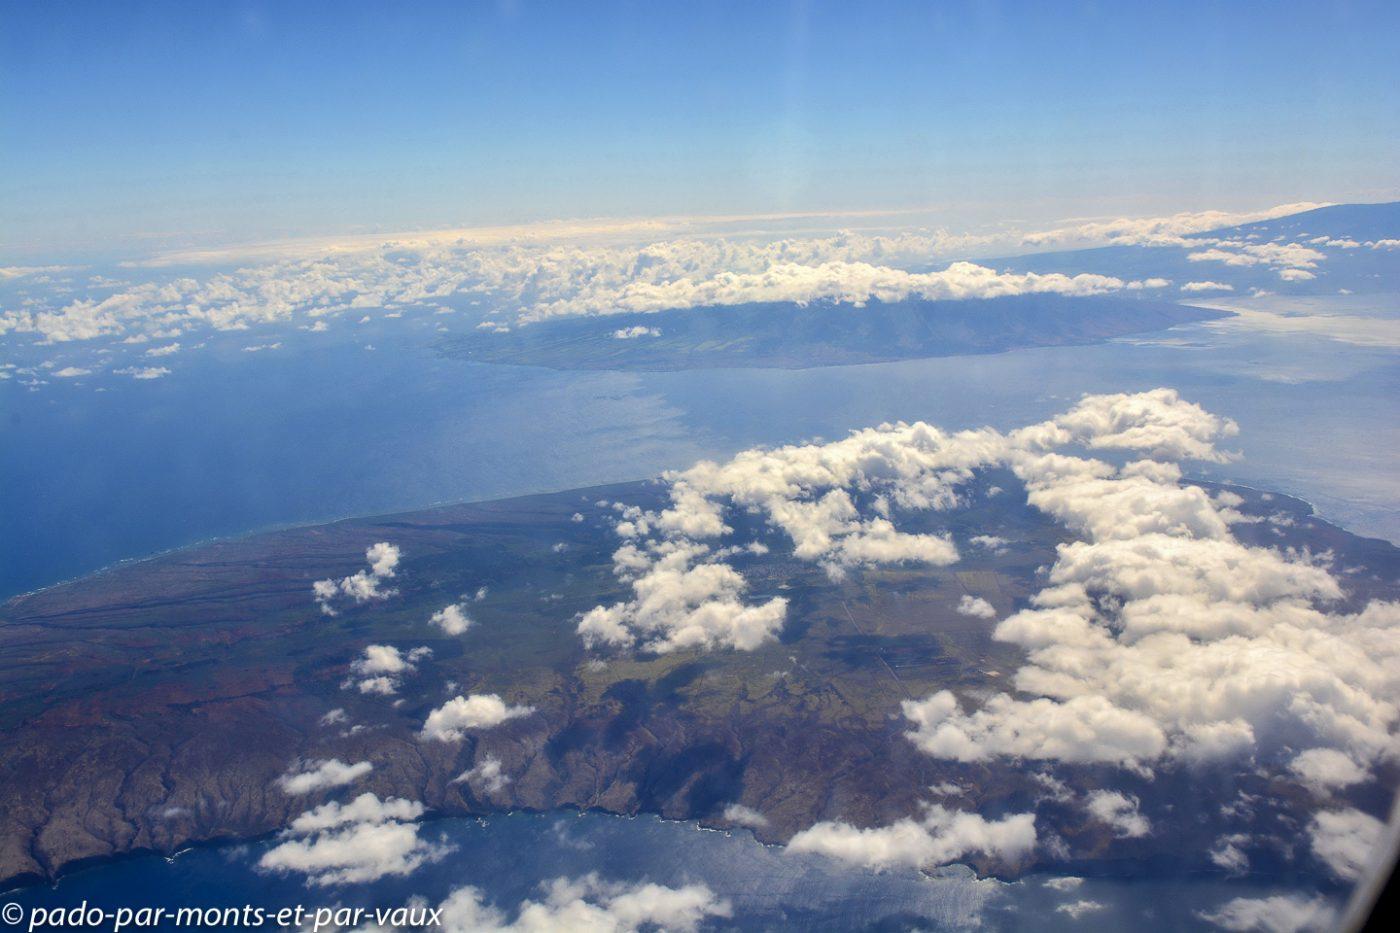 Vol vers Big Island